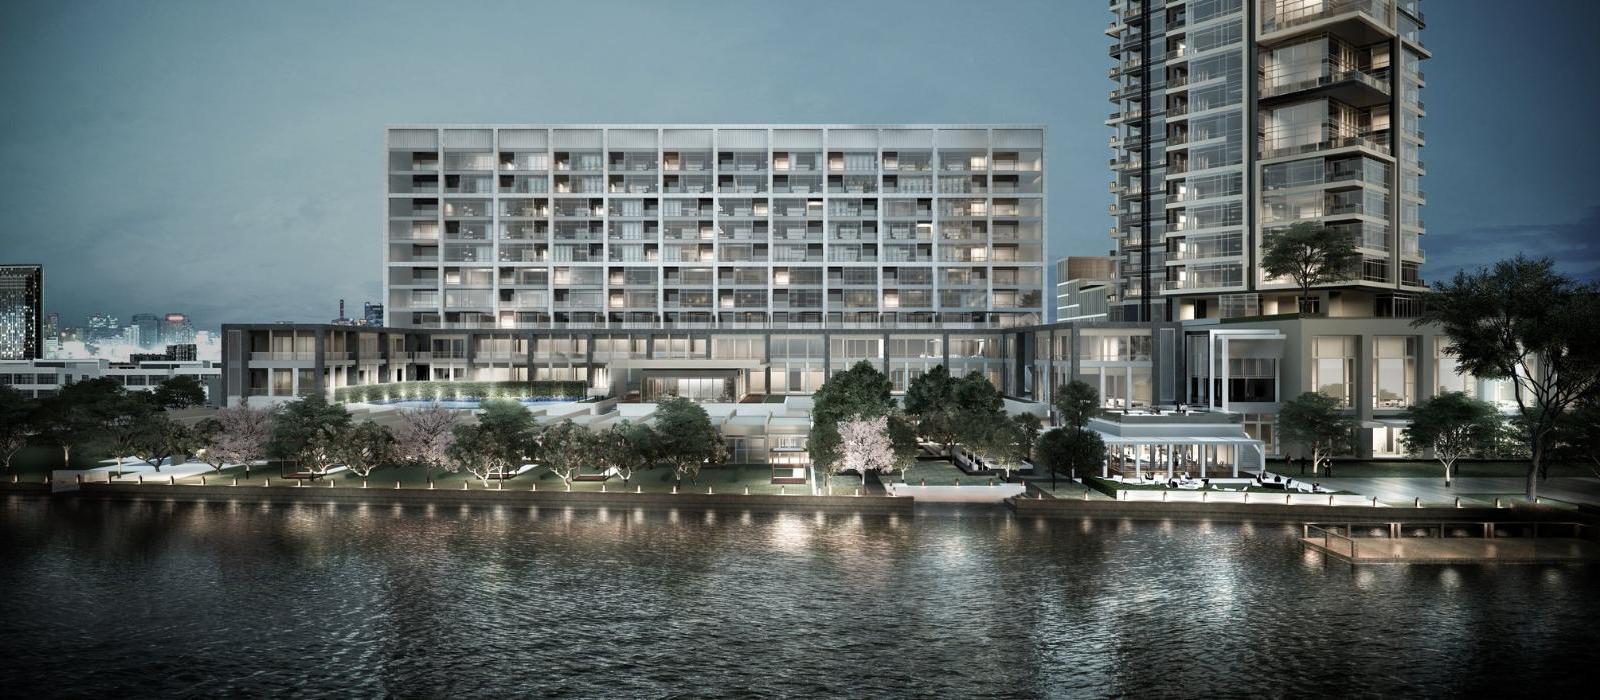 曼谷嘉佩乐酒店(Capella Bangkok) 图片  www.lhw.cn